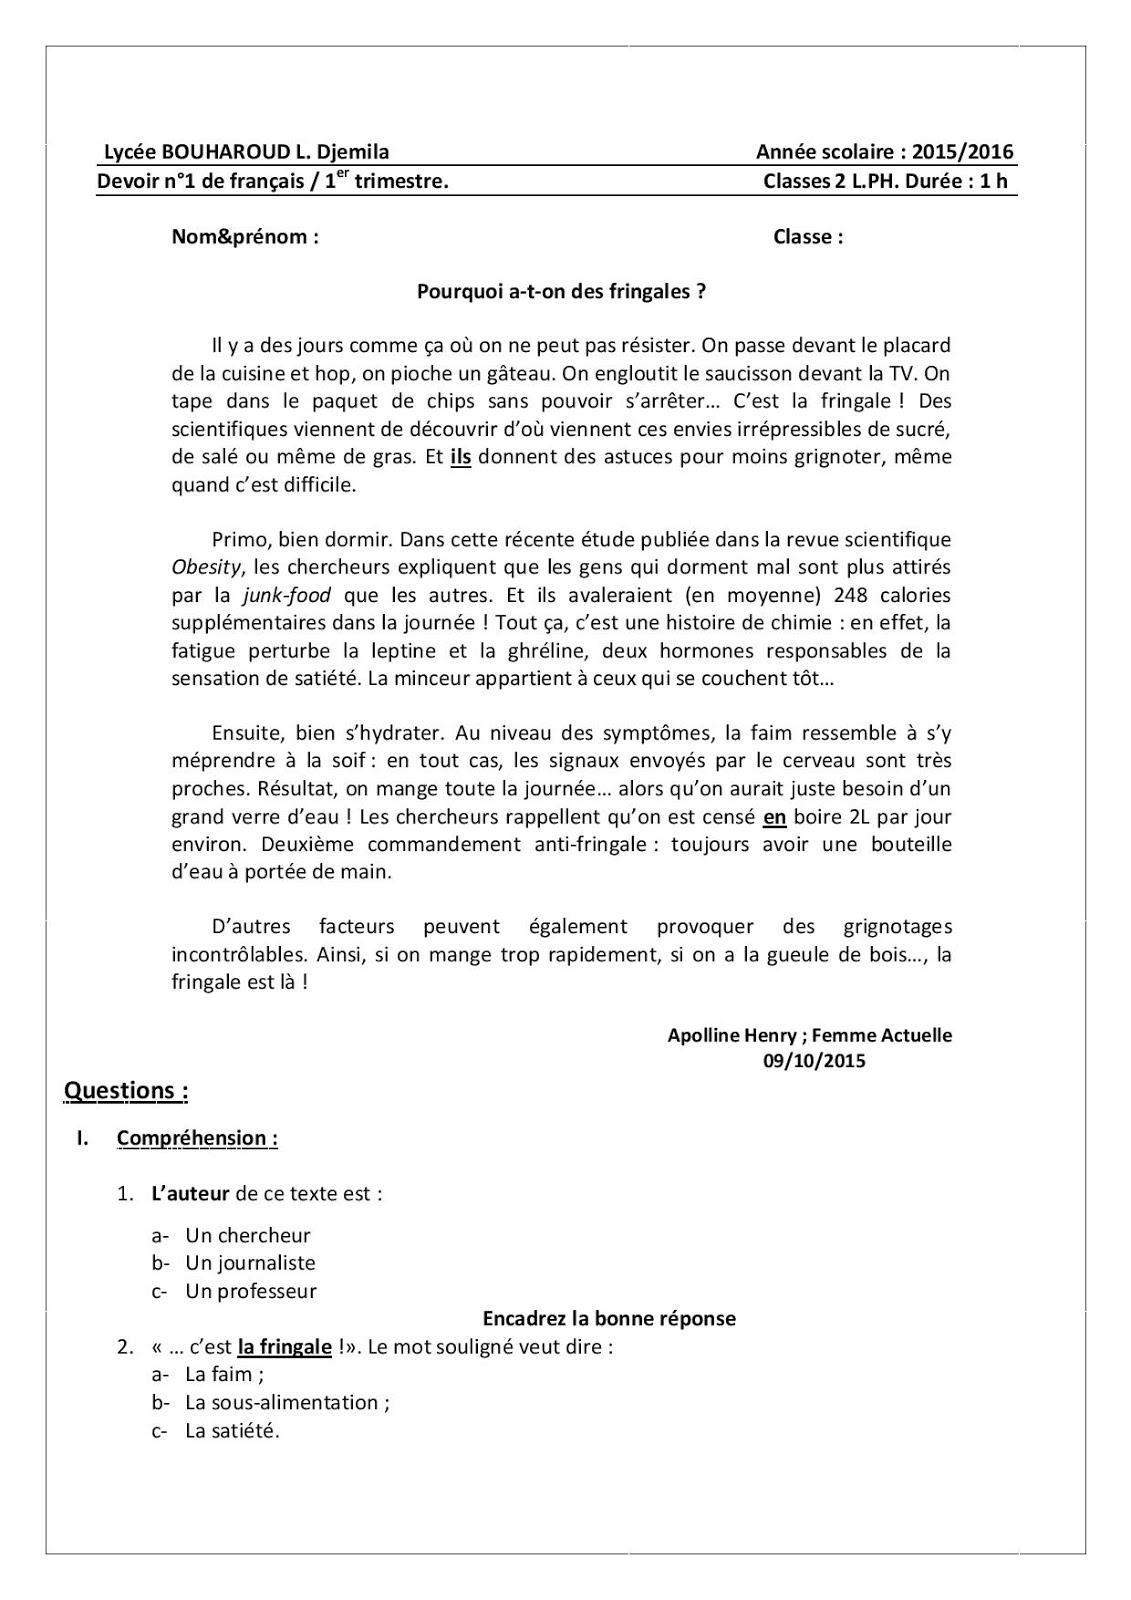 اختبار الثلاثي الاول في اللغة الفرنسية